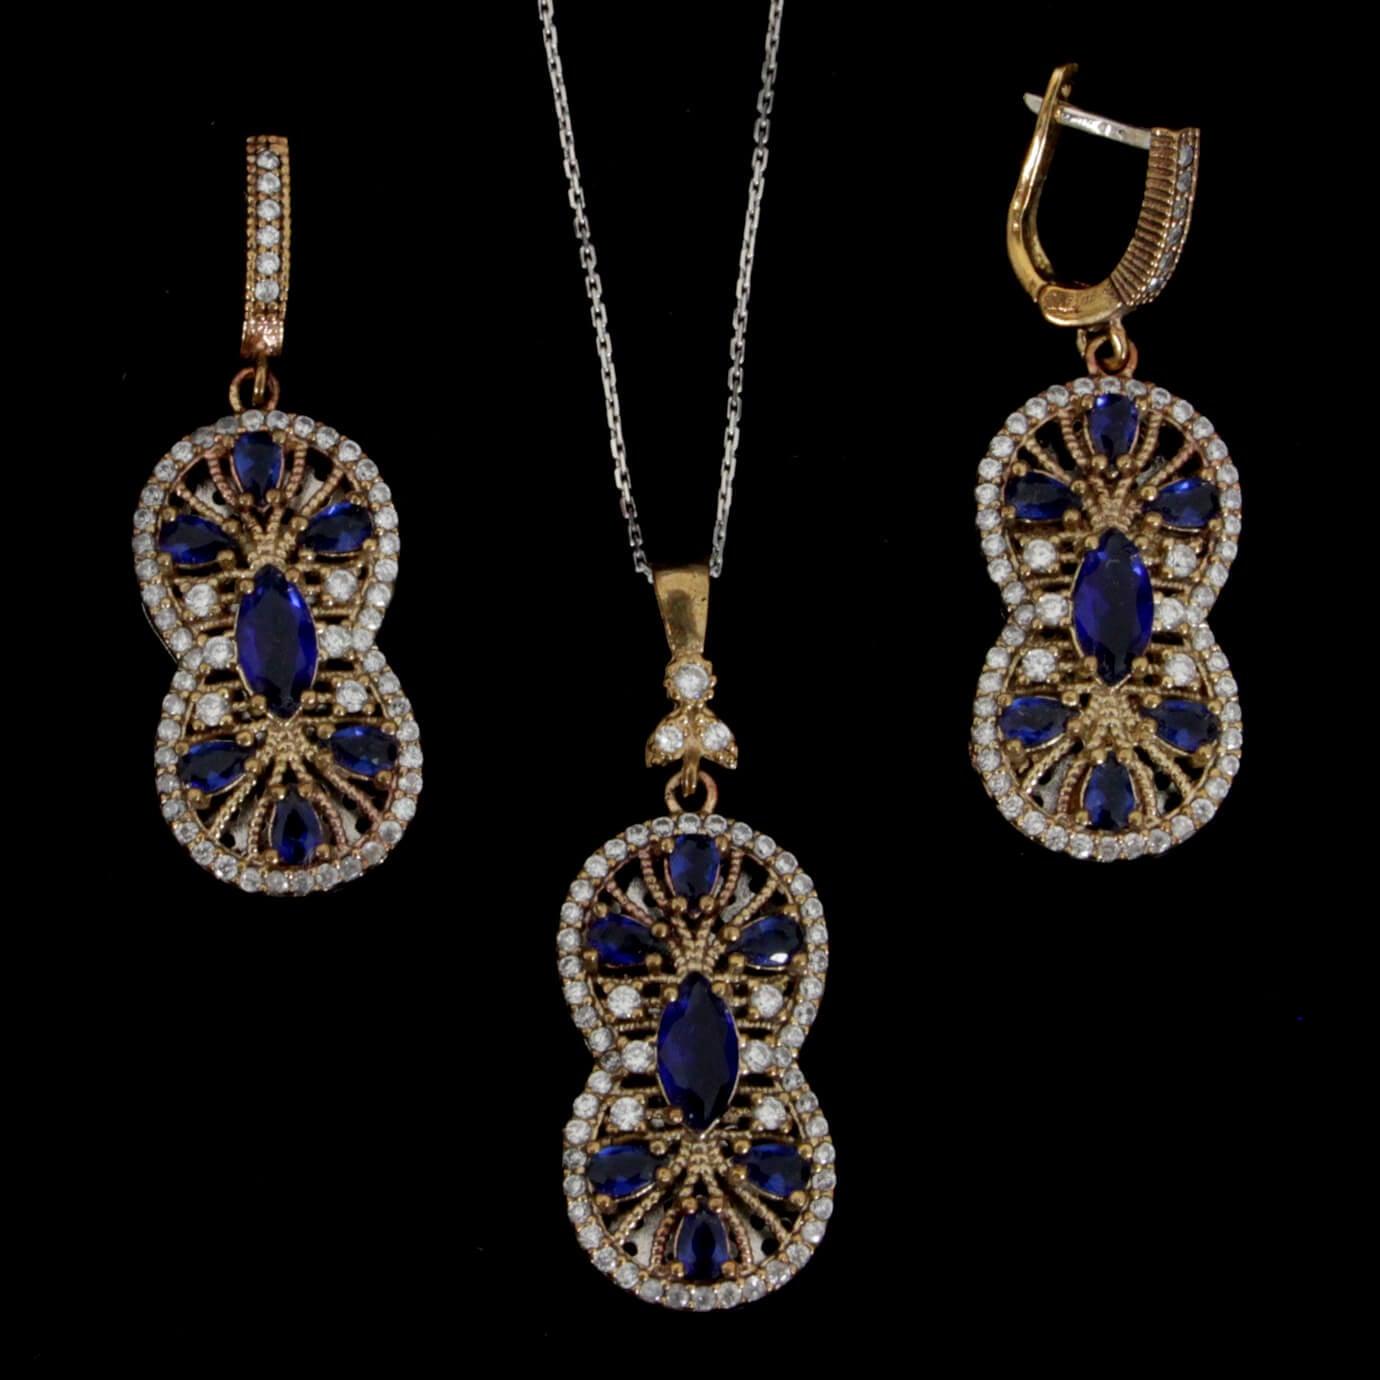 סט כסף עגילים ותליון סגנון ויקטוריאני משובץ קוורץ כחול וזרקונים S1361